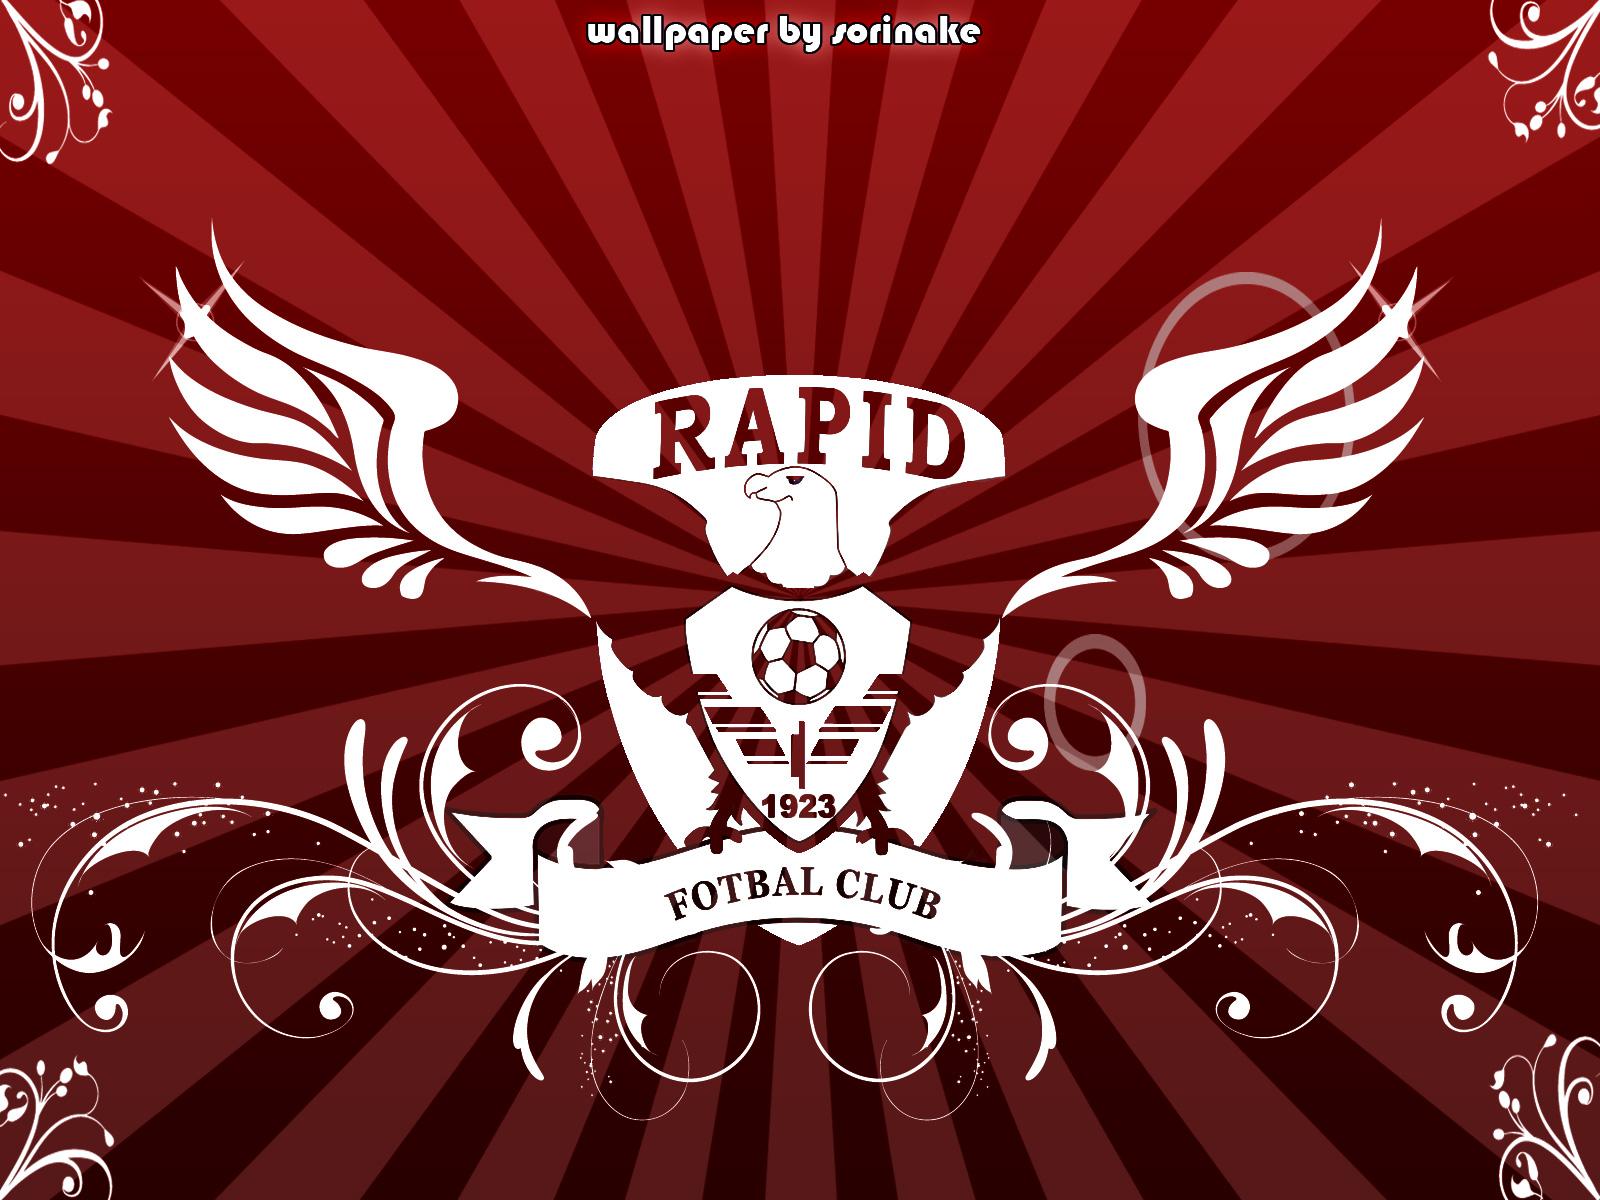 http://3.bp.blogspot.com/-rT90qzfpqpY/T7vb4WPM9YI/AAAAAAAAGeQ/HvbOEpMGfxs/s1600/rapid%252C%2Brapid%2Bbucuresti%252C%2Brapid%2Bemblema%252Crapid%2Bsigla%252Crapid%2Blogo%252Cfc%2Brapid%252C%2Bimagini%2Brapid%252Crapid%2Bbucuresti%252C%2Bwallpaper%252Crapid%2Bbucuresti%2Bfoto%252Cpoze%2Bcu%2Brapid%2B%25286%2529.jpg